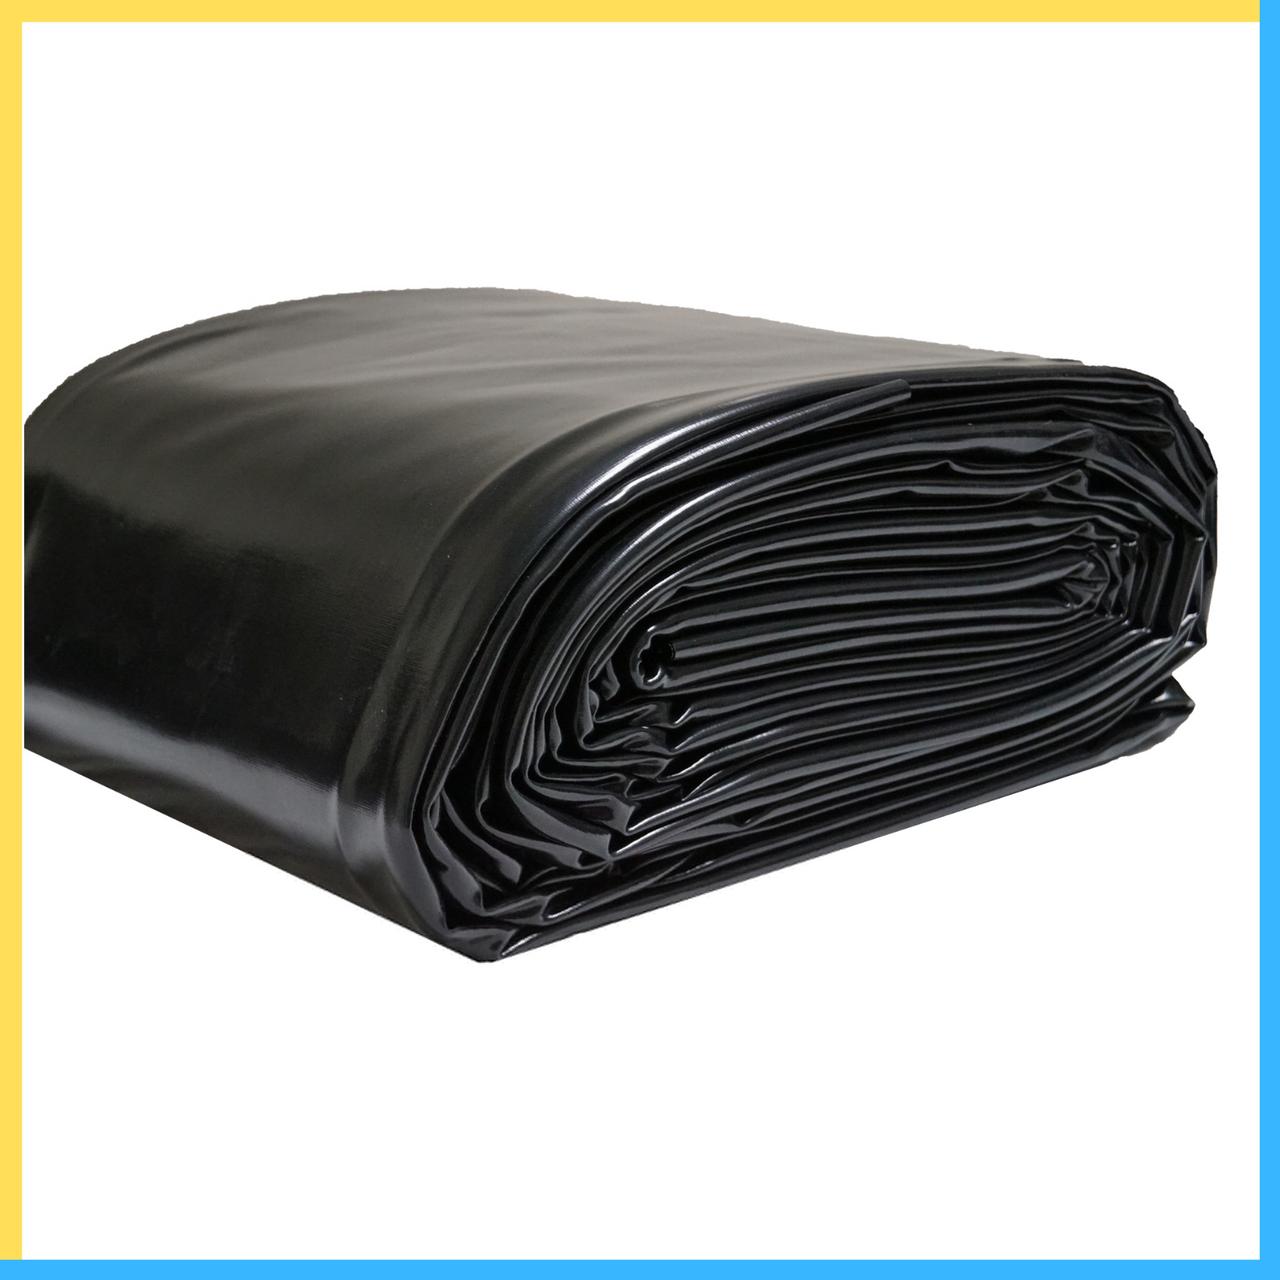 Чёрная плёнка на метраж 150 микрон (ширина 3 метра)